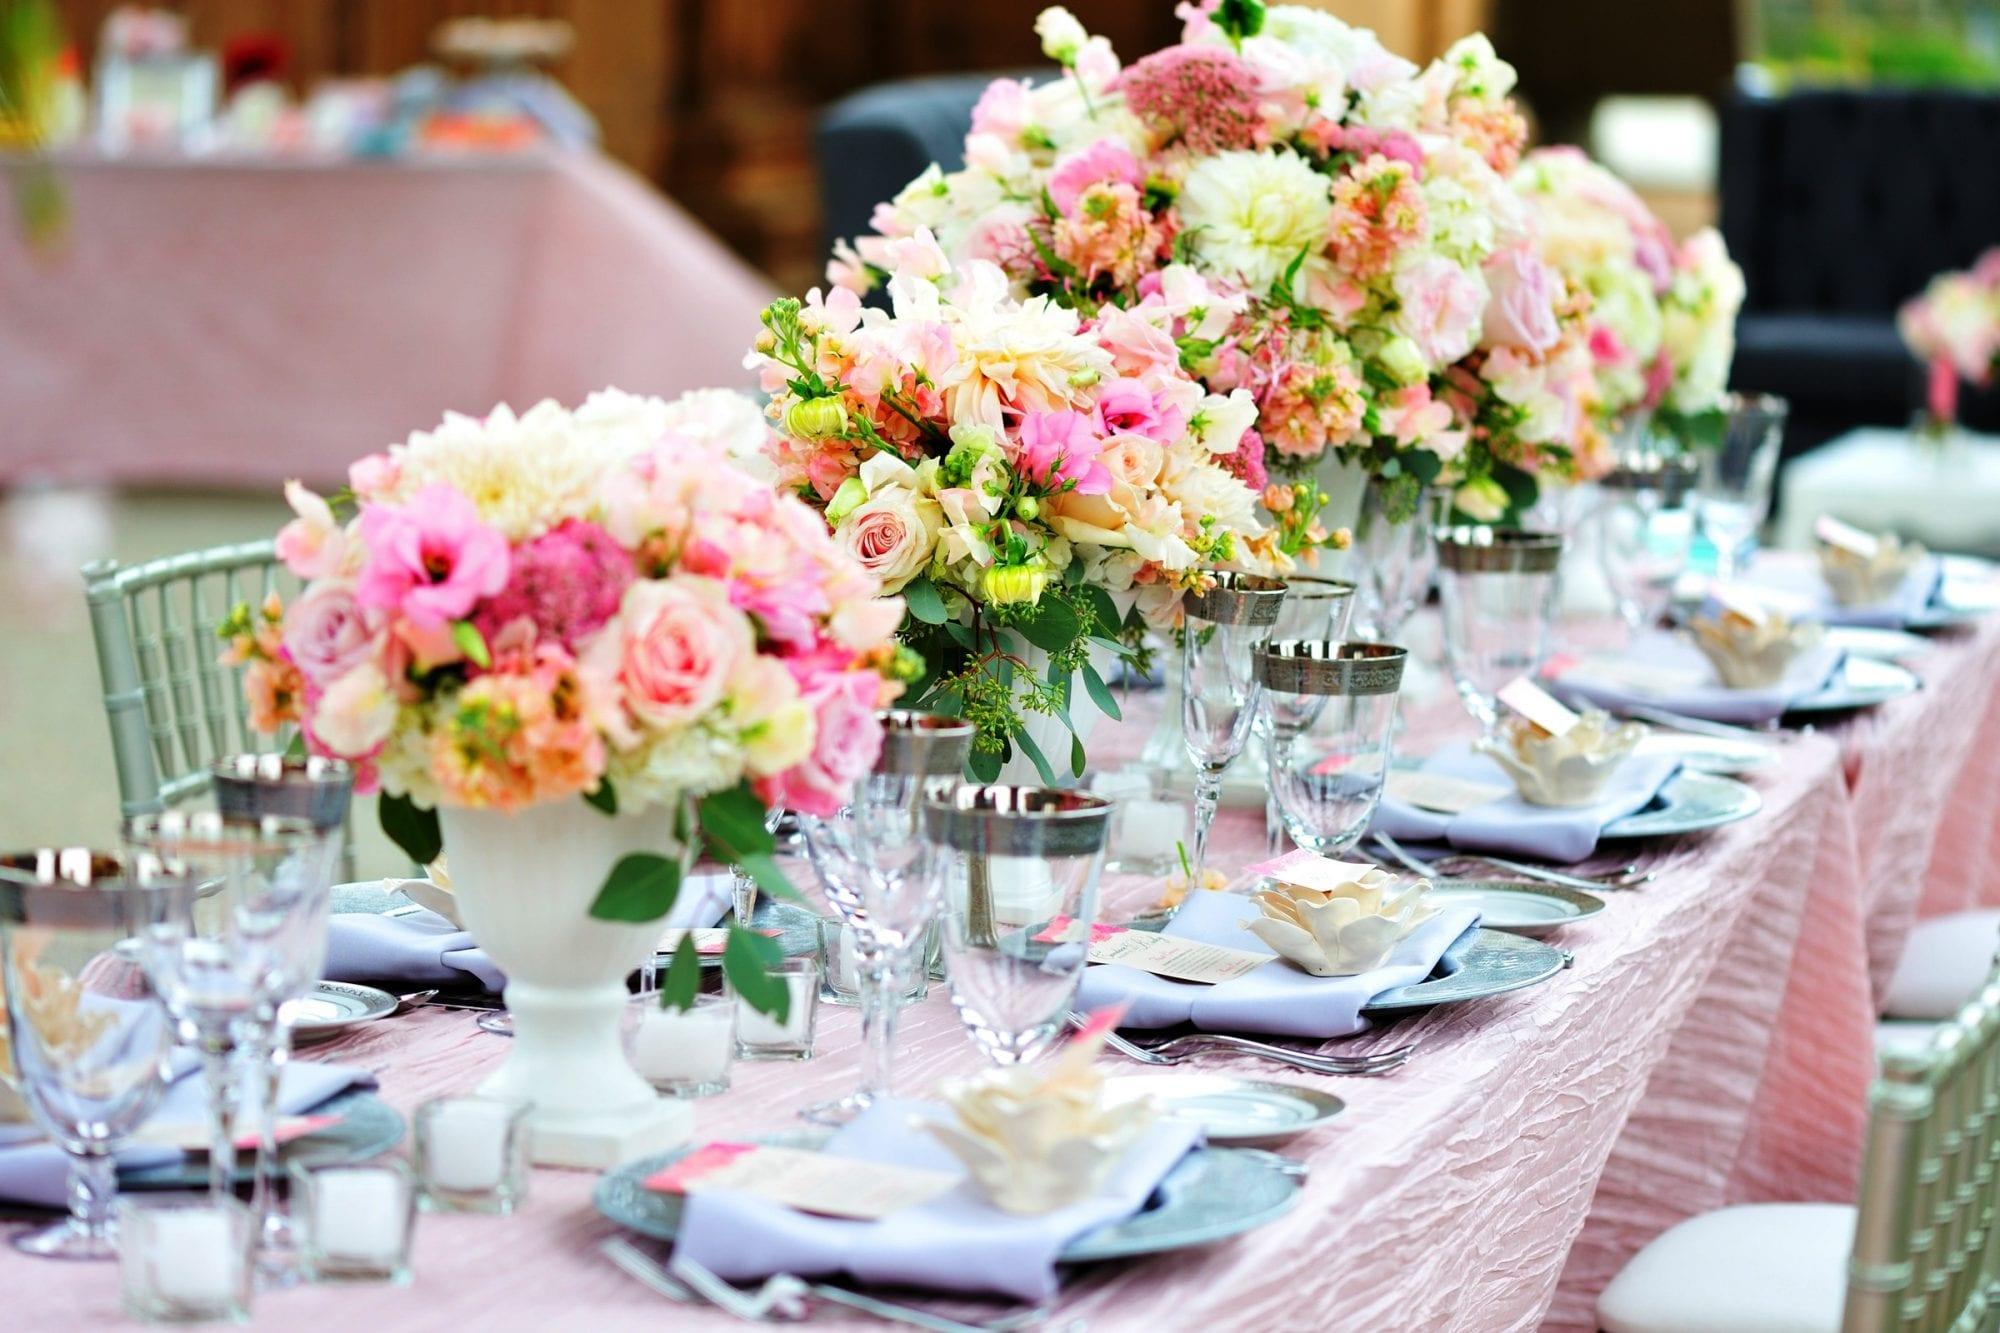 Multi-colored centerpiece florals